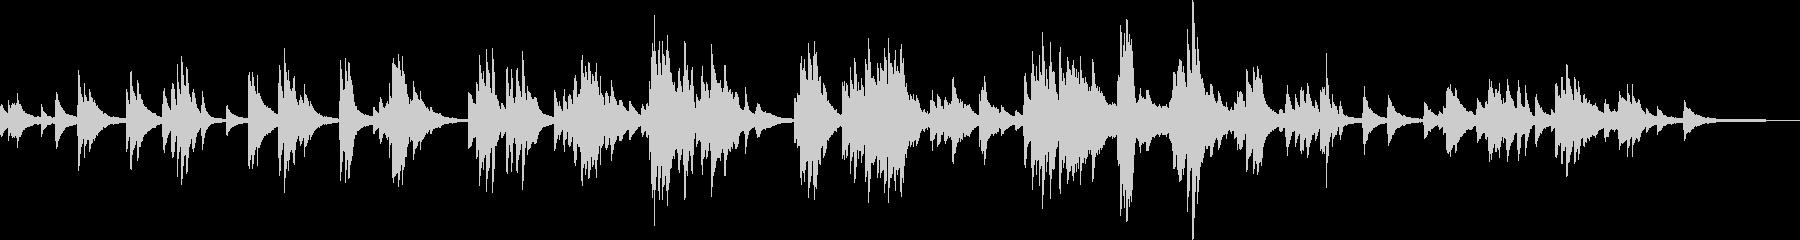 カフェと雨(ピアノ・しっとり・お洒落)の未再生の波形